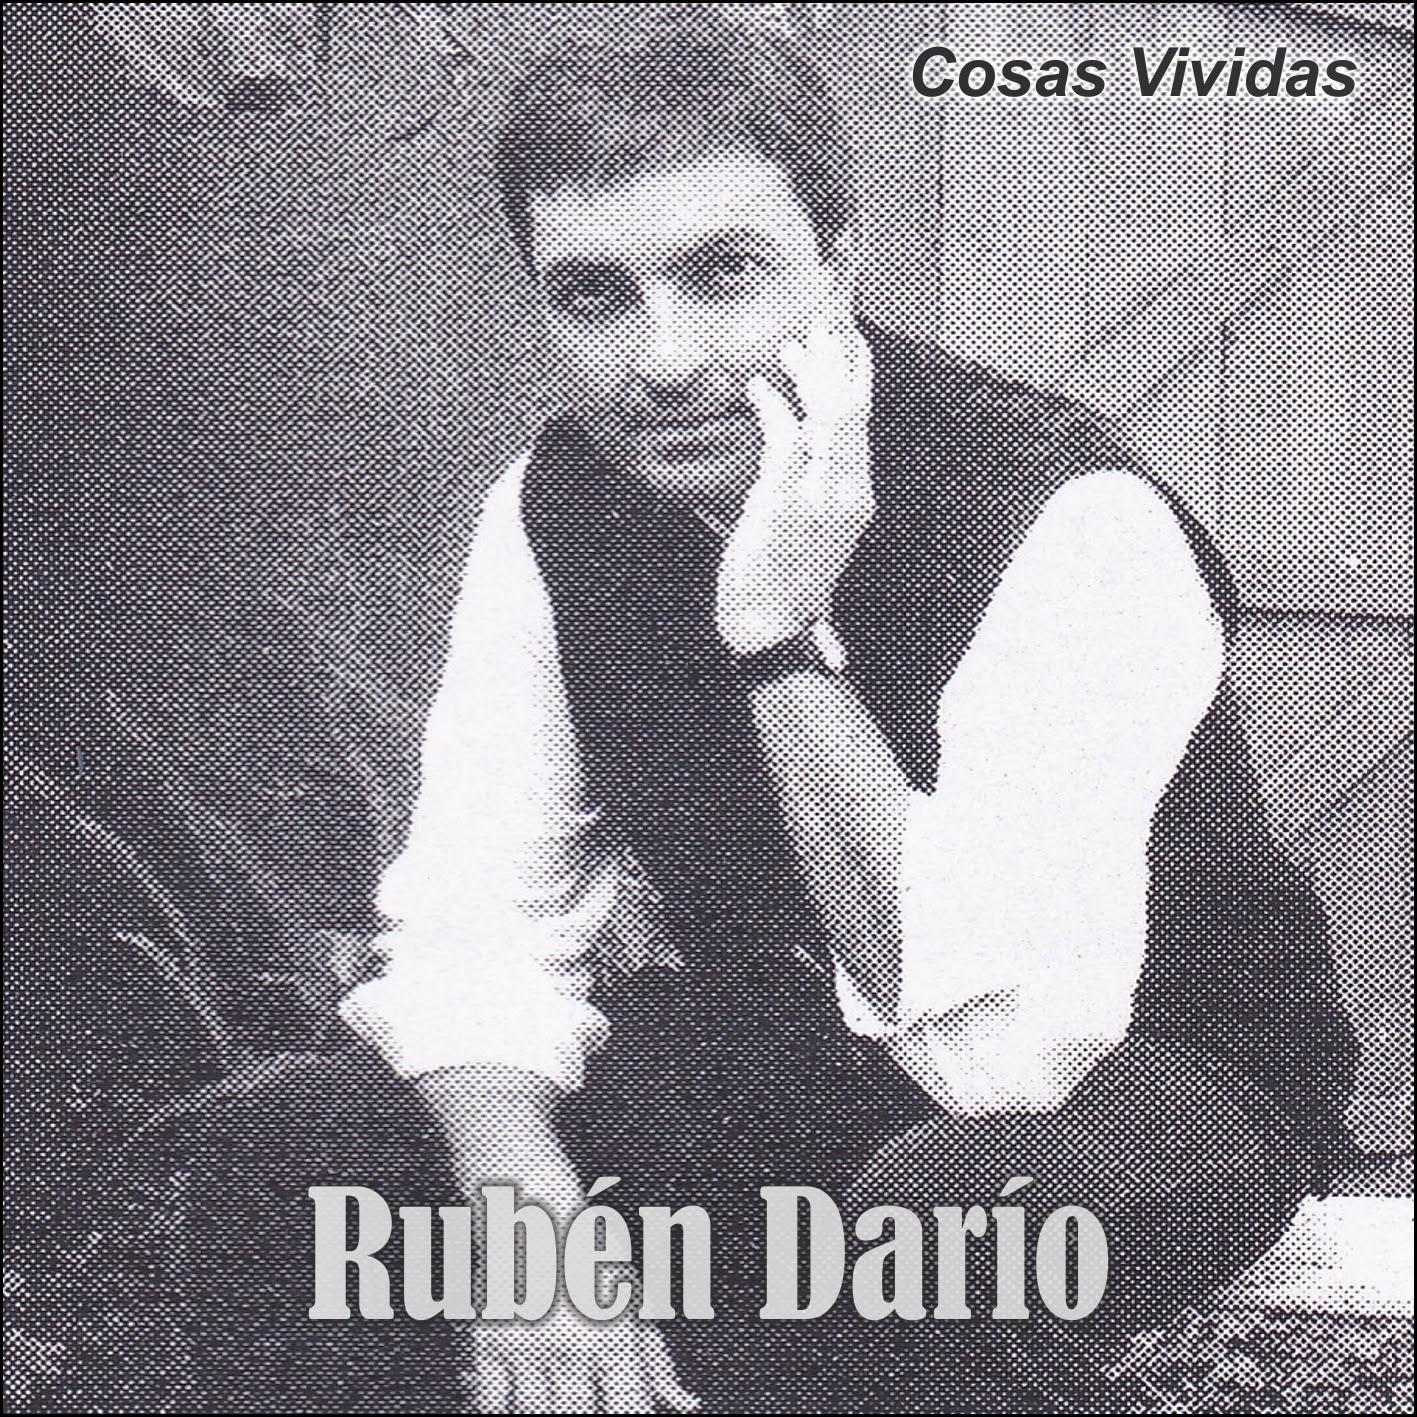 Rubén Darío-Cosas Vividas-